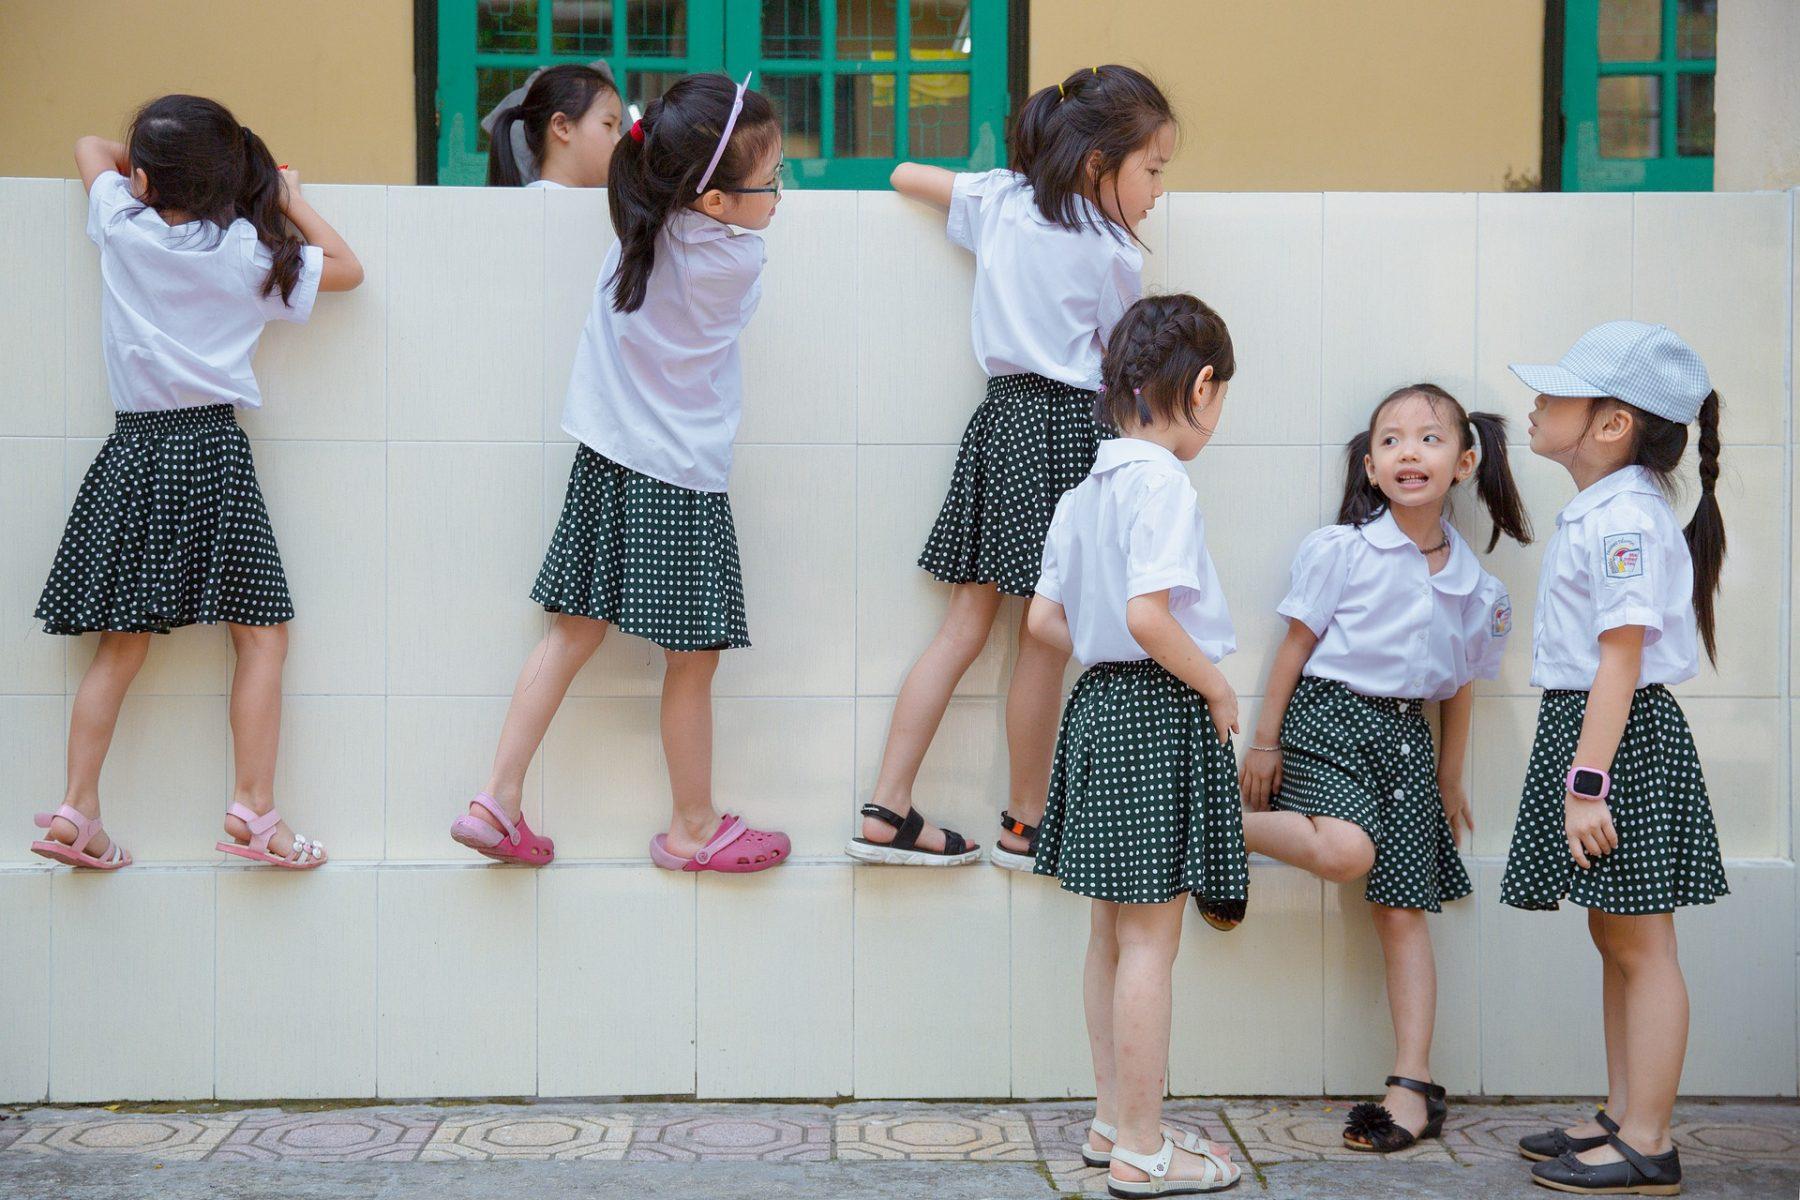 כמה חולצות בית ספר כדאי להדפיס לתלמיד?